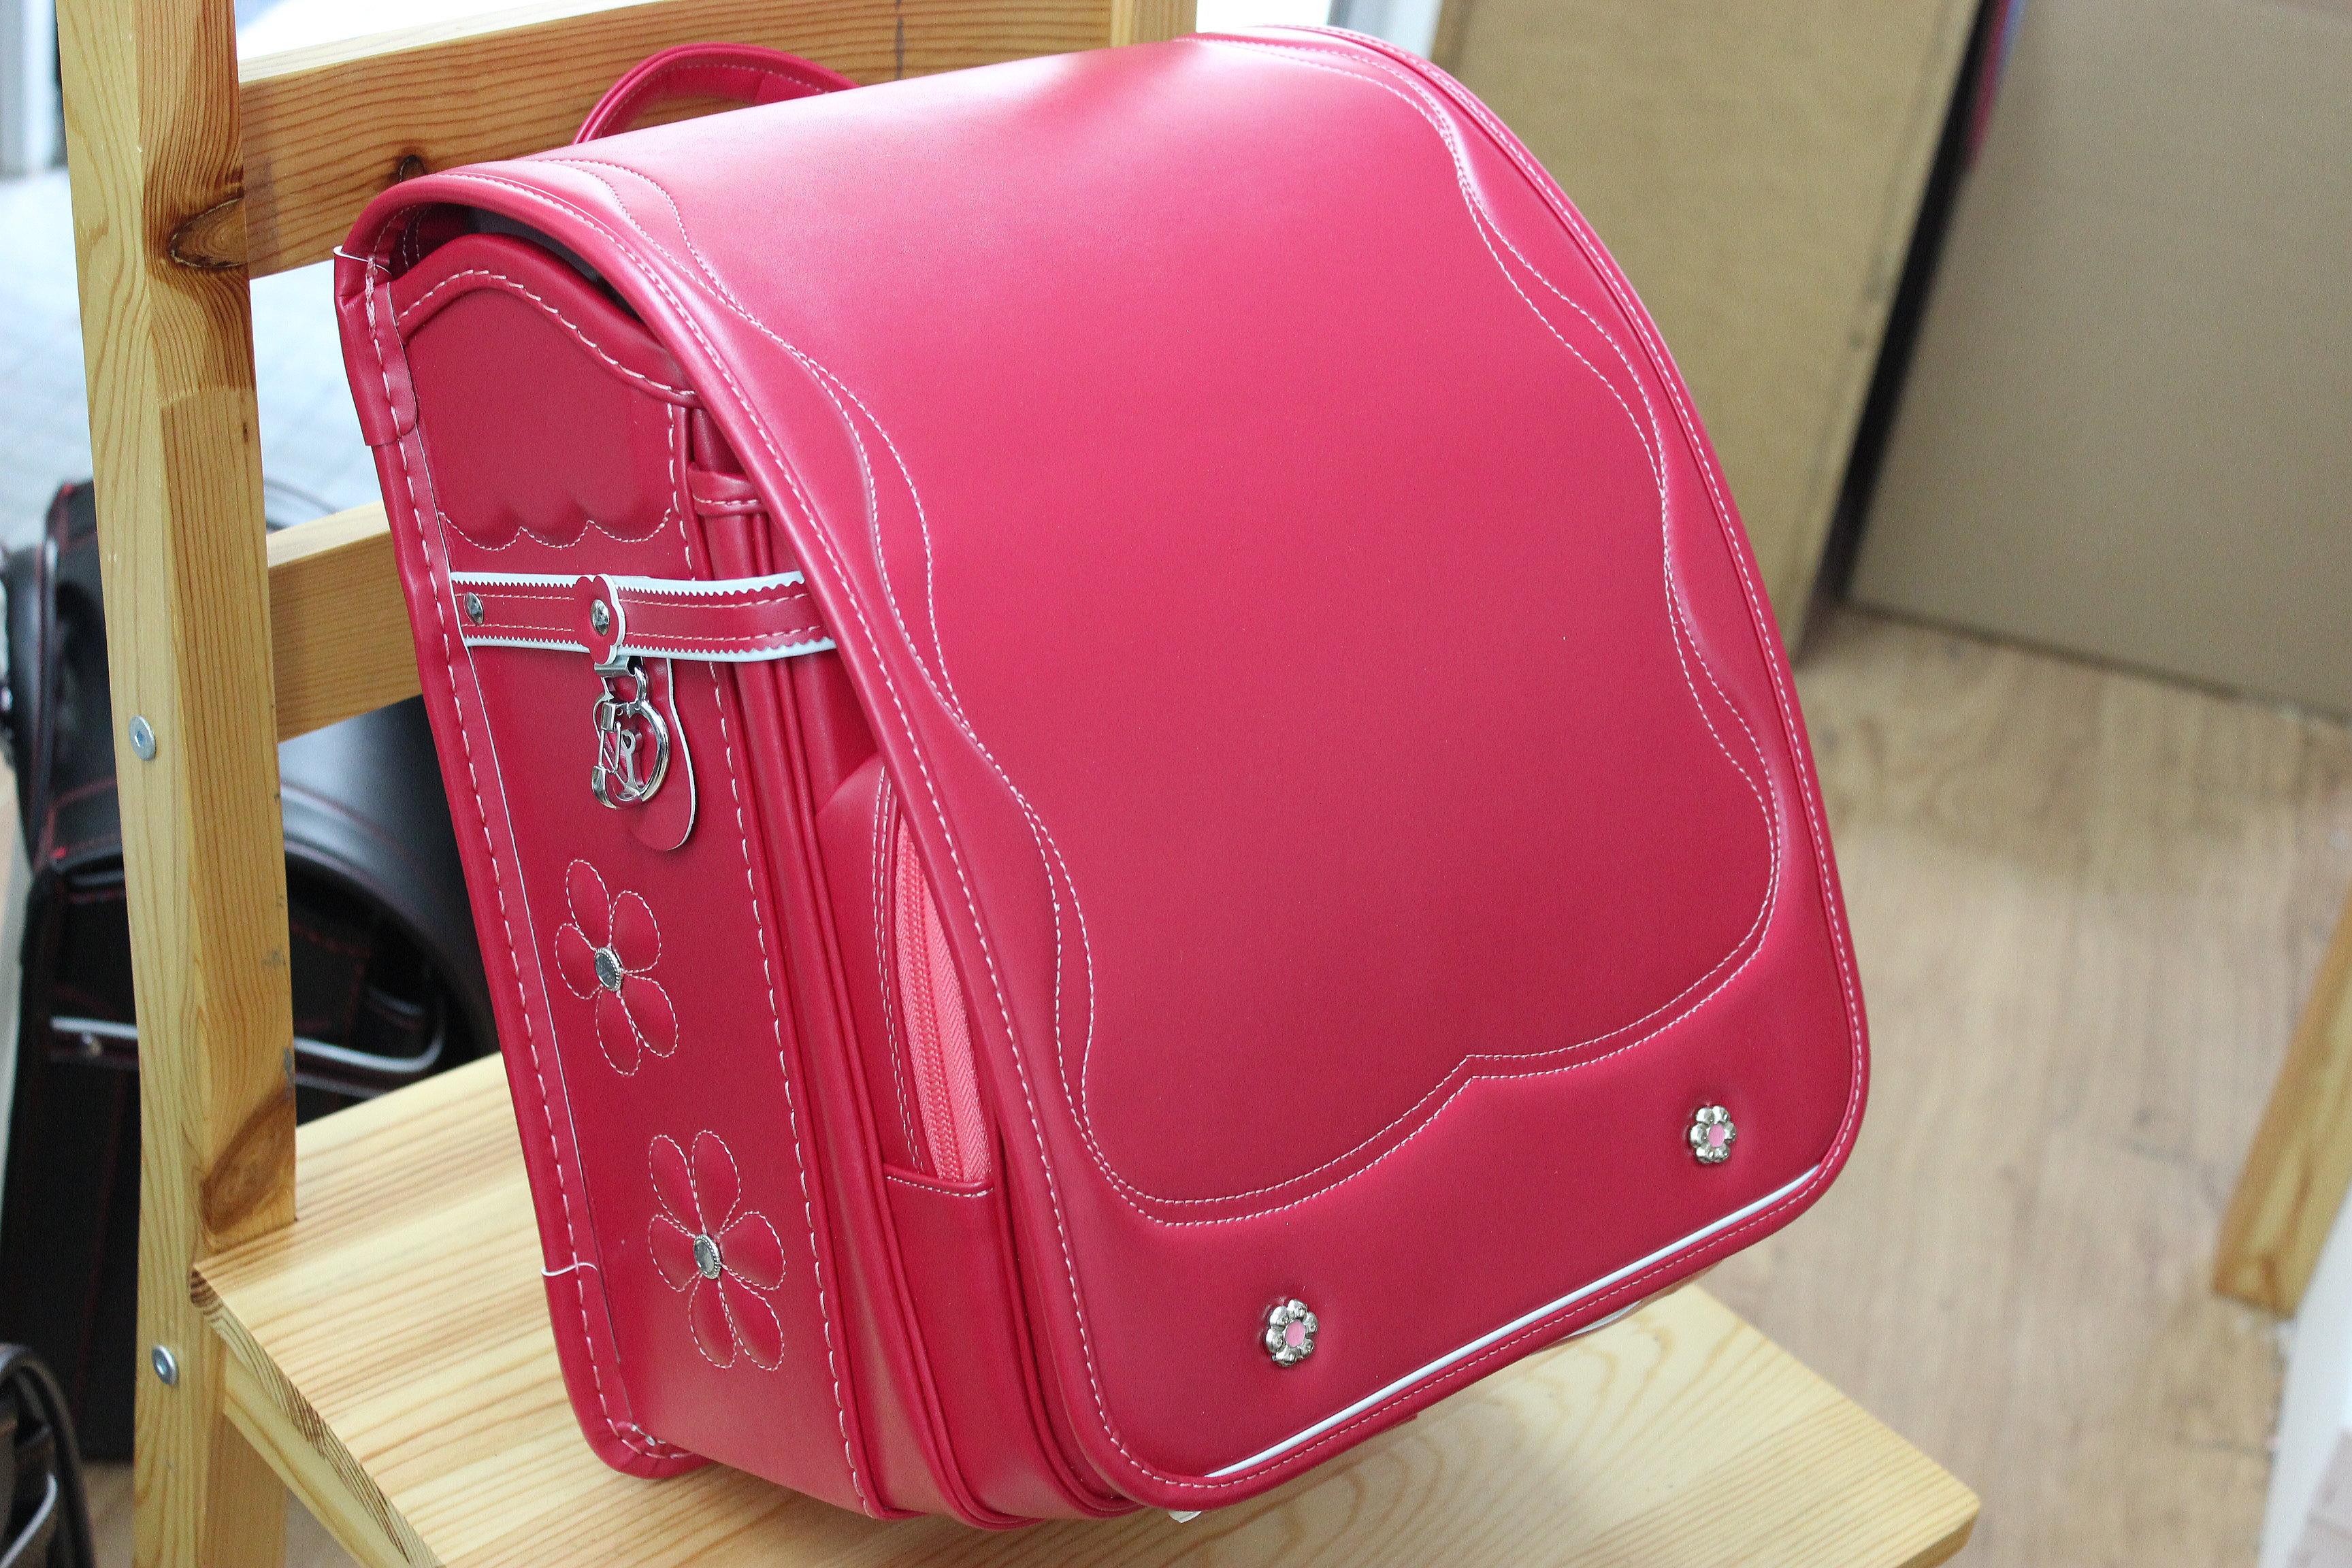 堀江鞄のピンクのランドセル